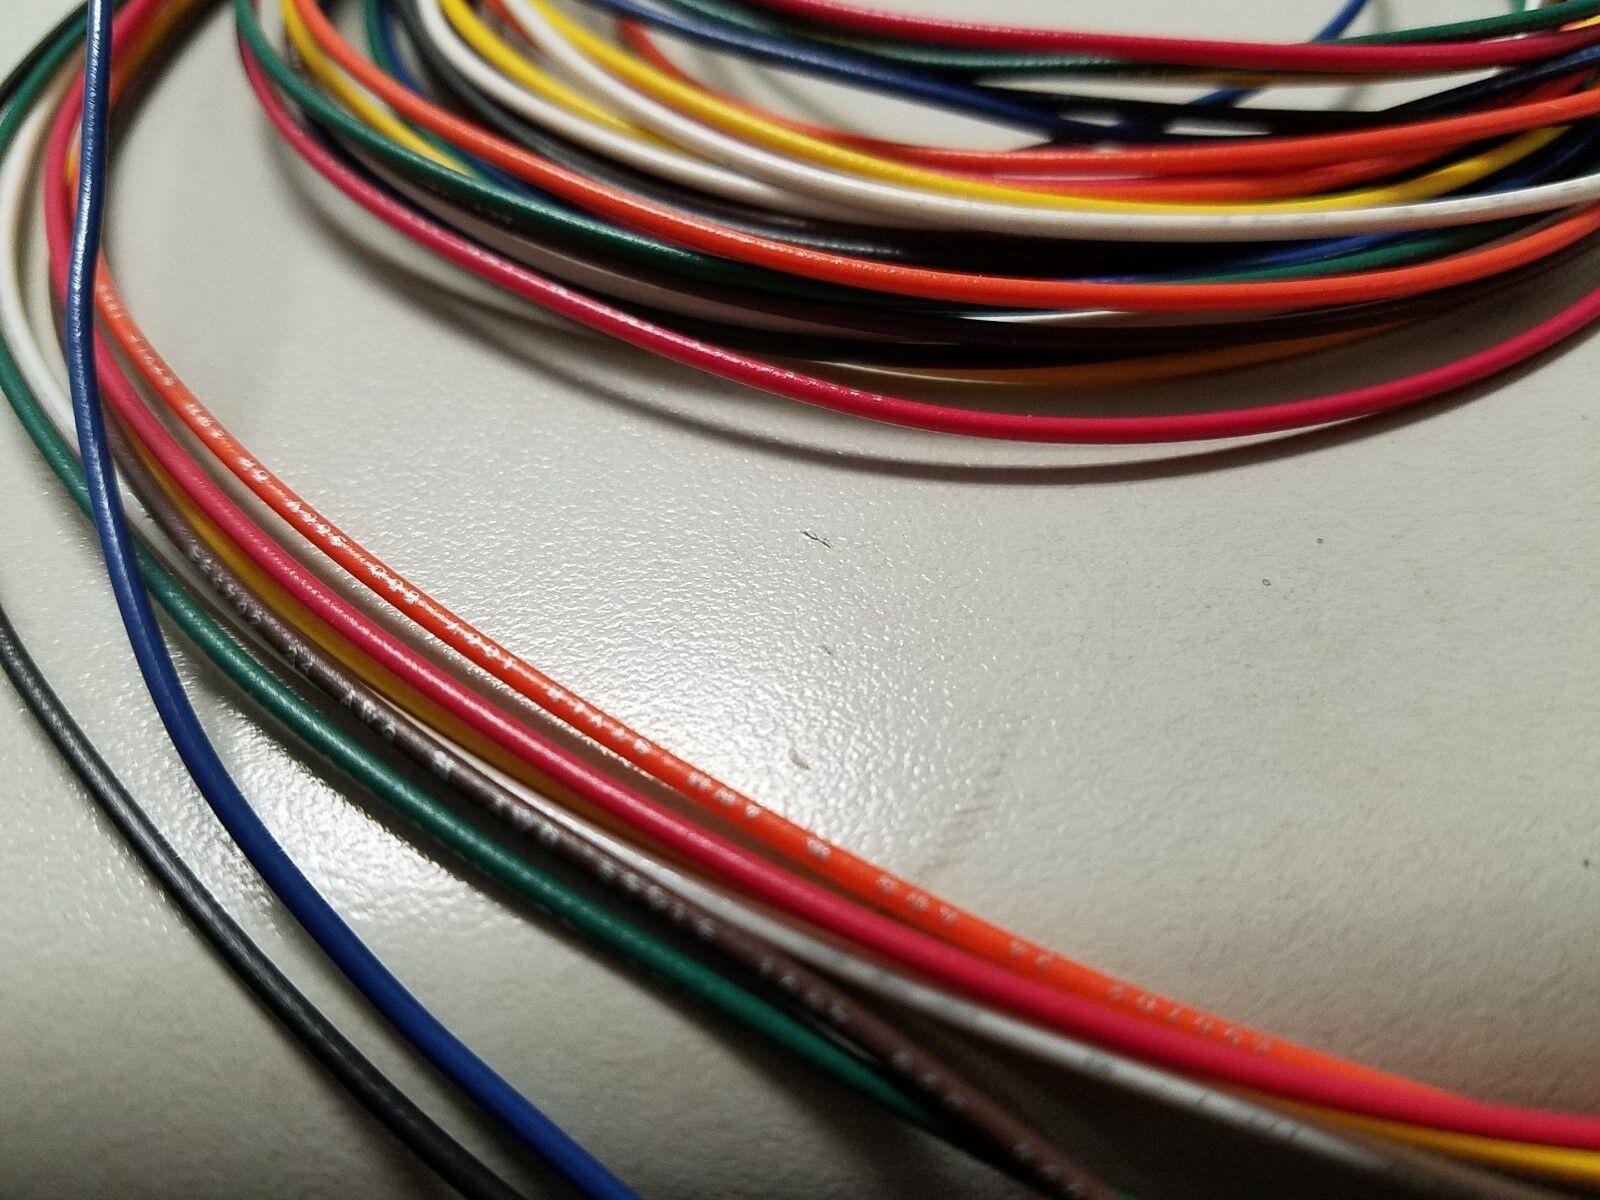 24 AWG Gauge Stranded Hook up Wire Kit 100 FT EA Reels 8 Color ...